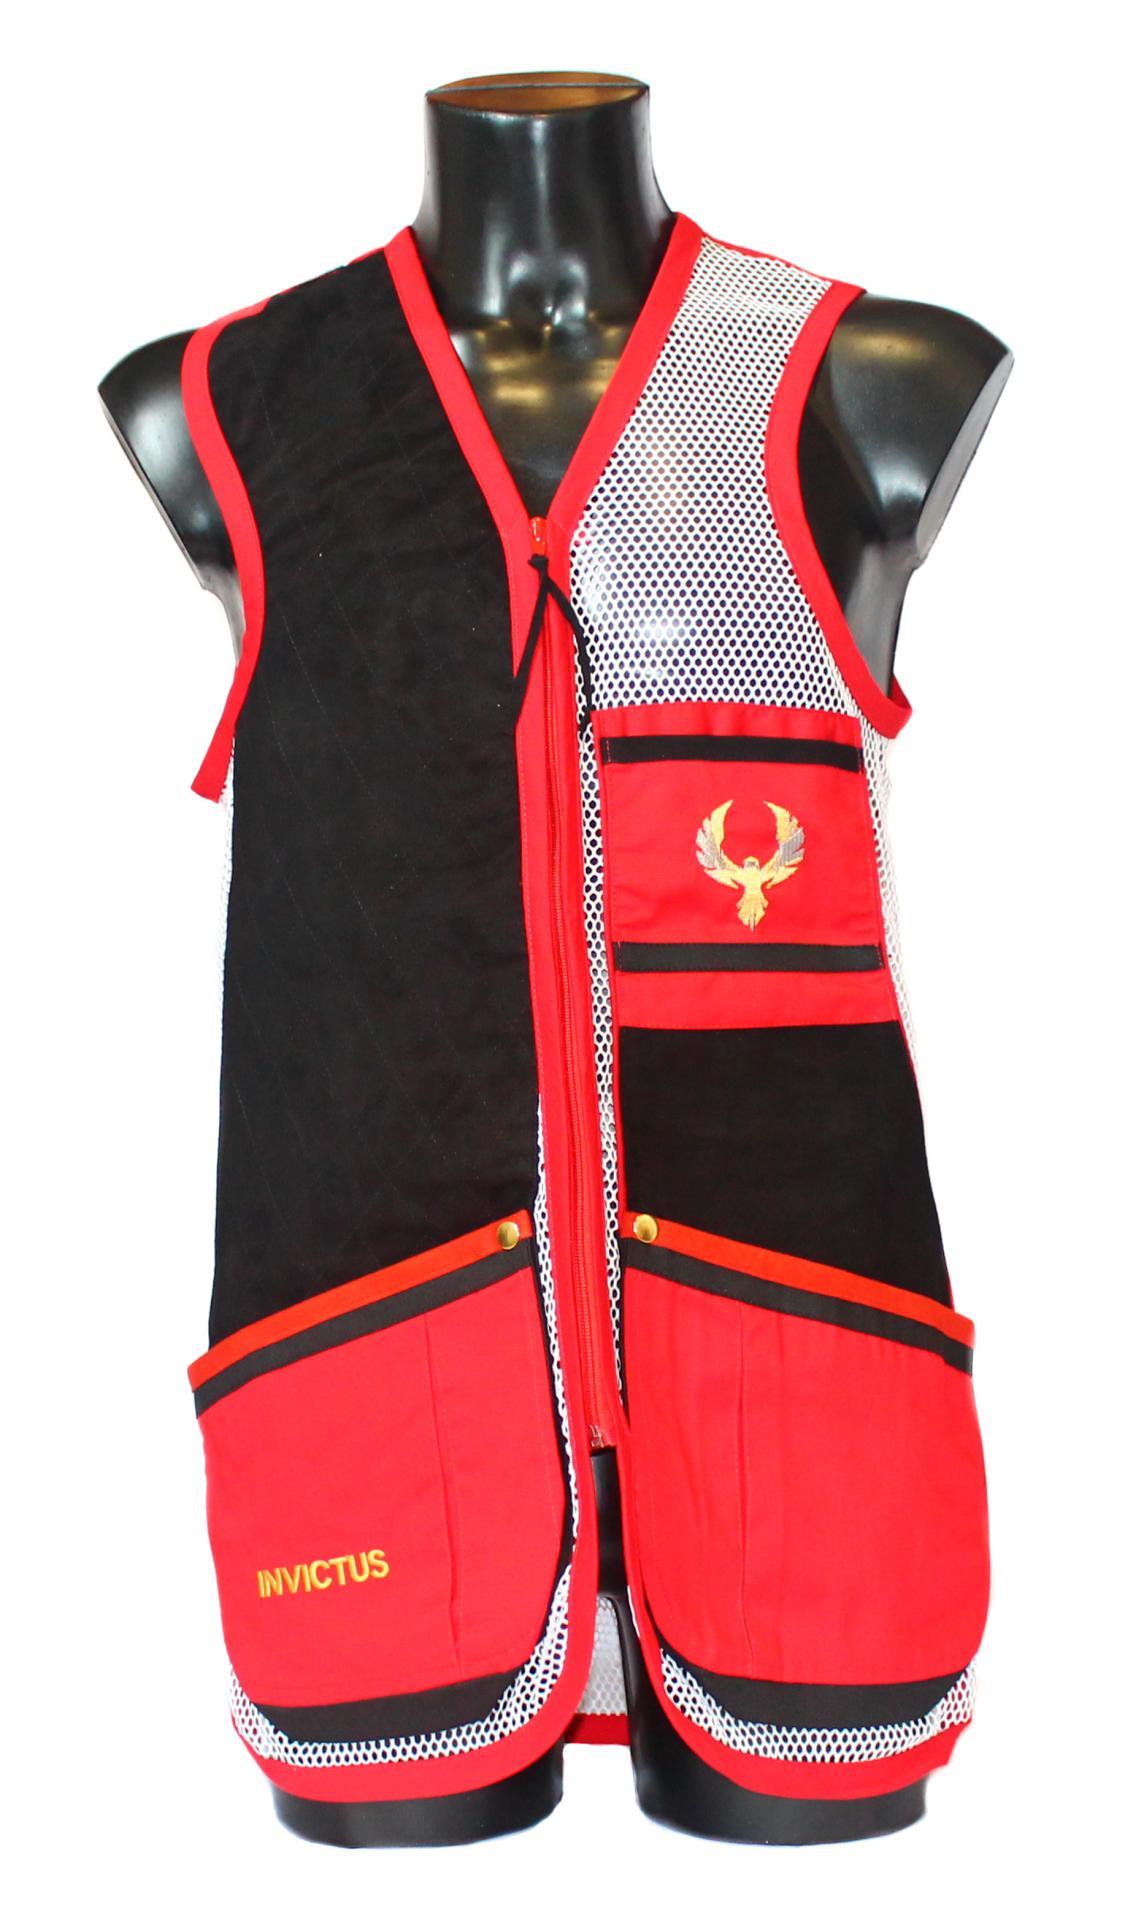 Chaleco GSS INVICTUS (Rojo y Blanco)